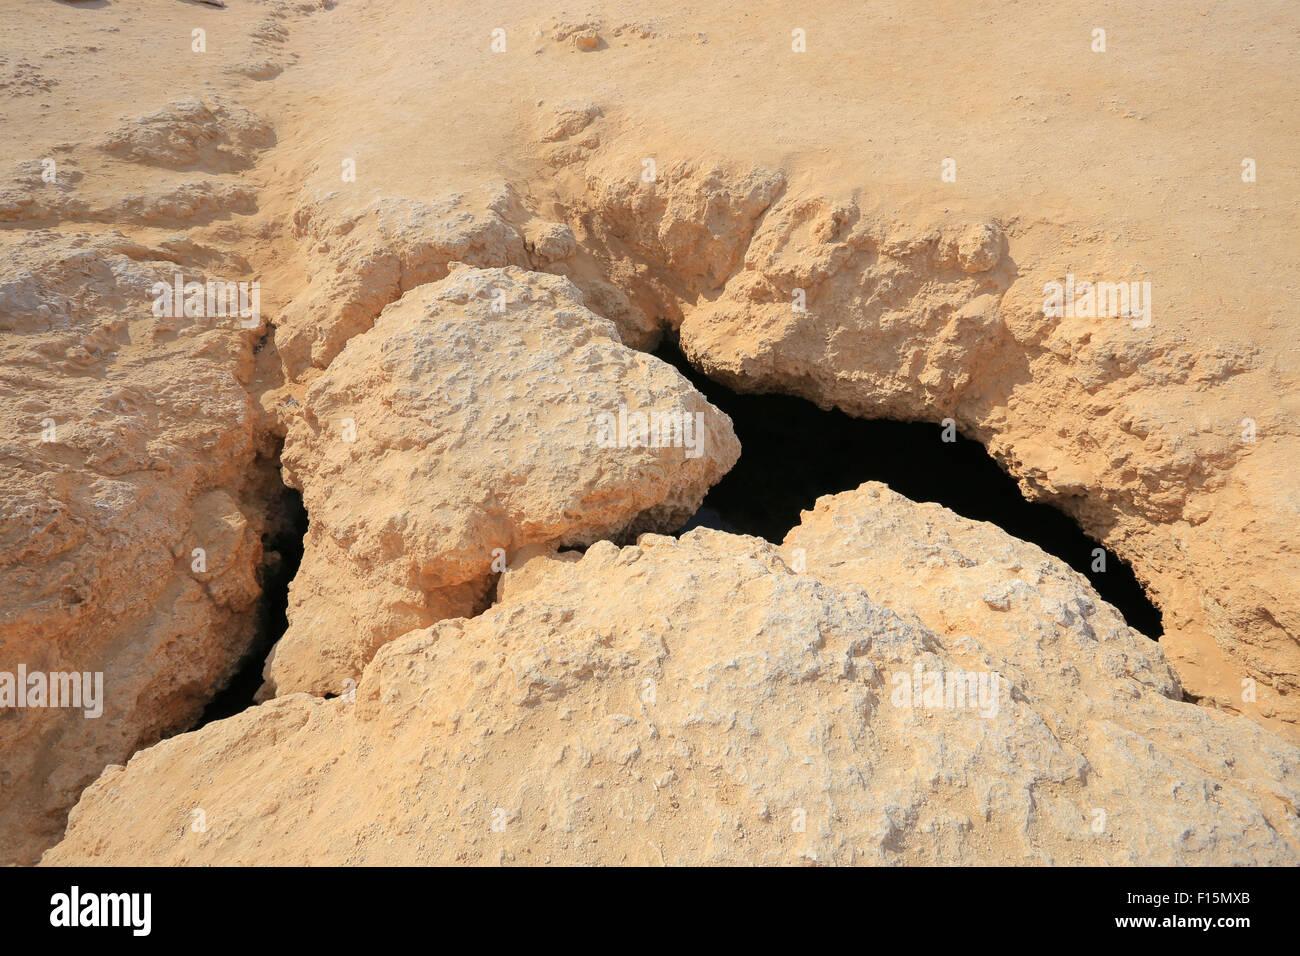 Geology Ras Mohammed - Stock Image